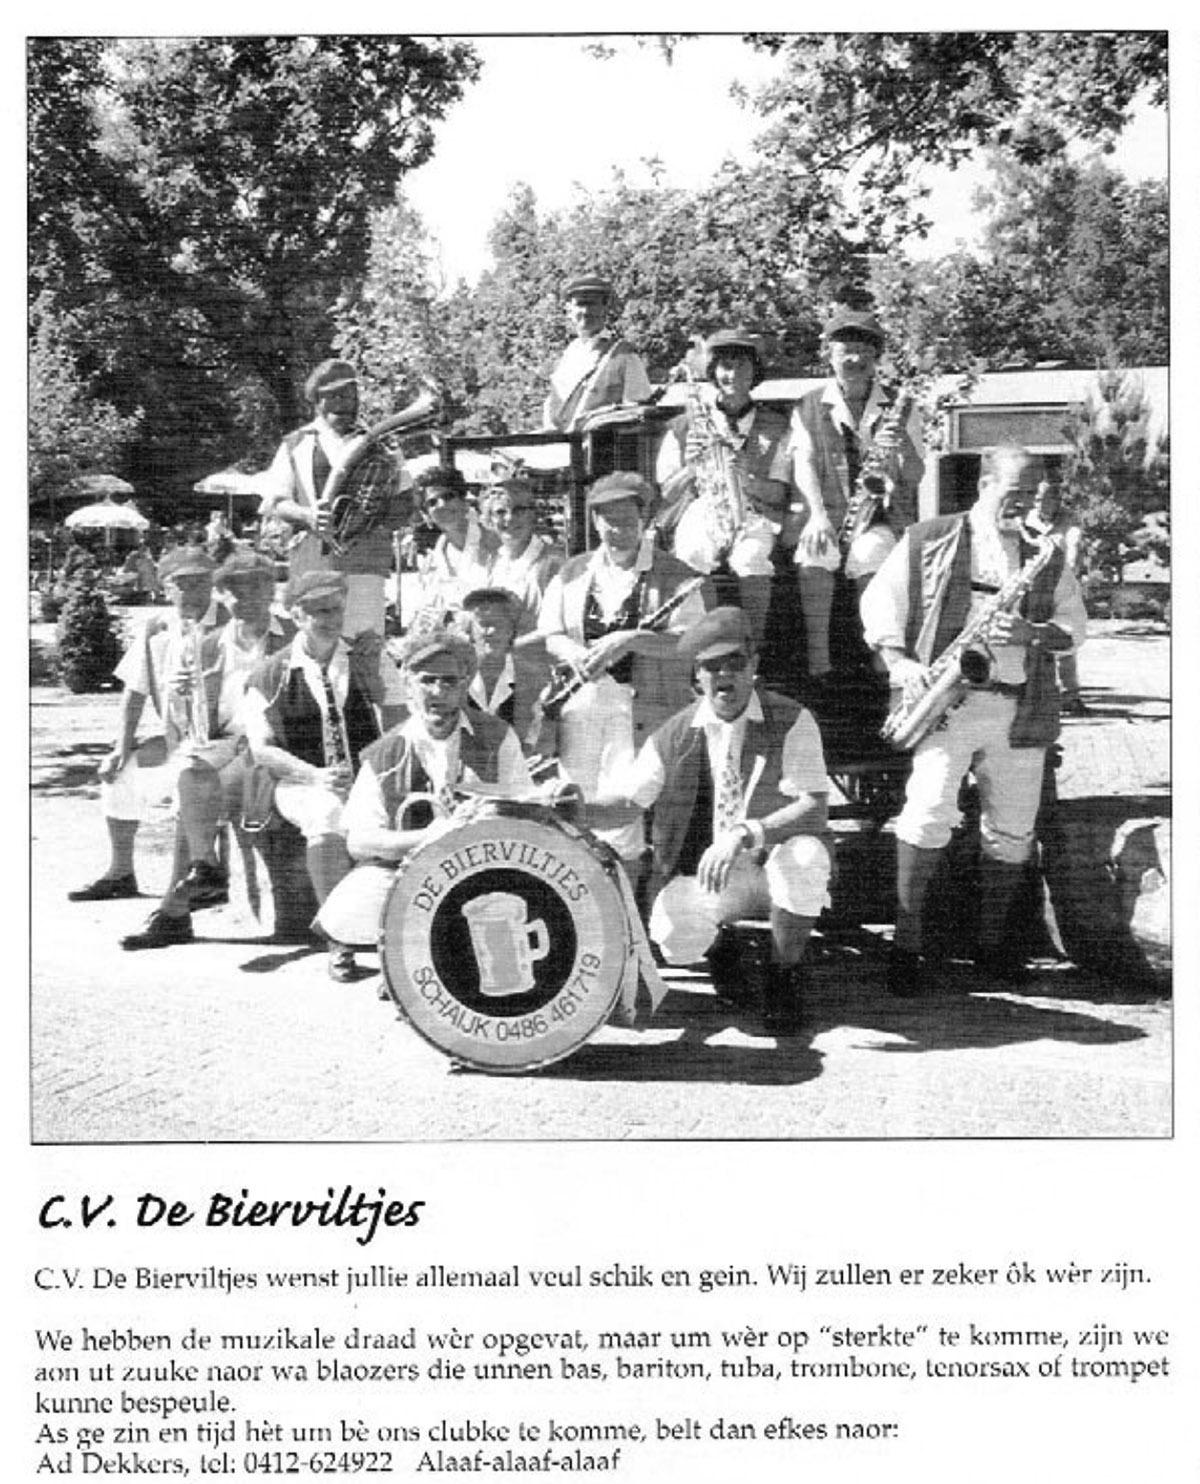 Stuk uit de carnavalskrant van de Bierviltjes - 1999